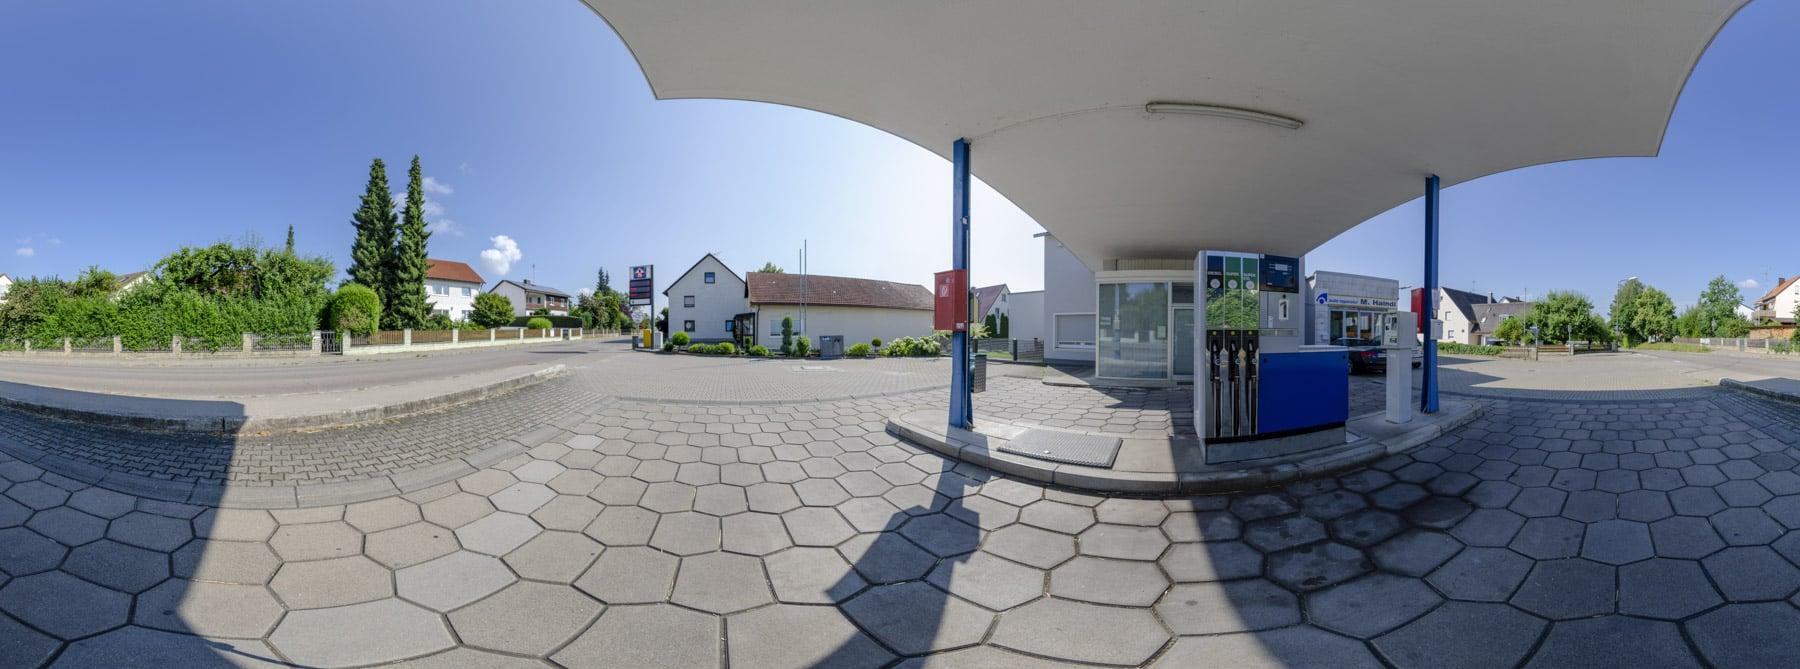 Tankstelle Weichs 360°